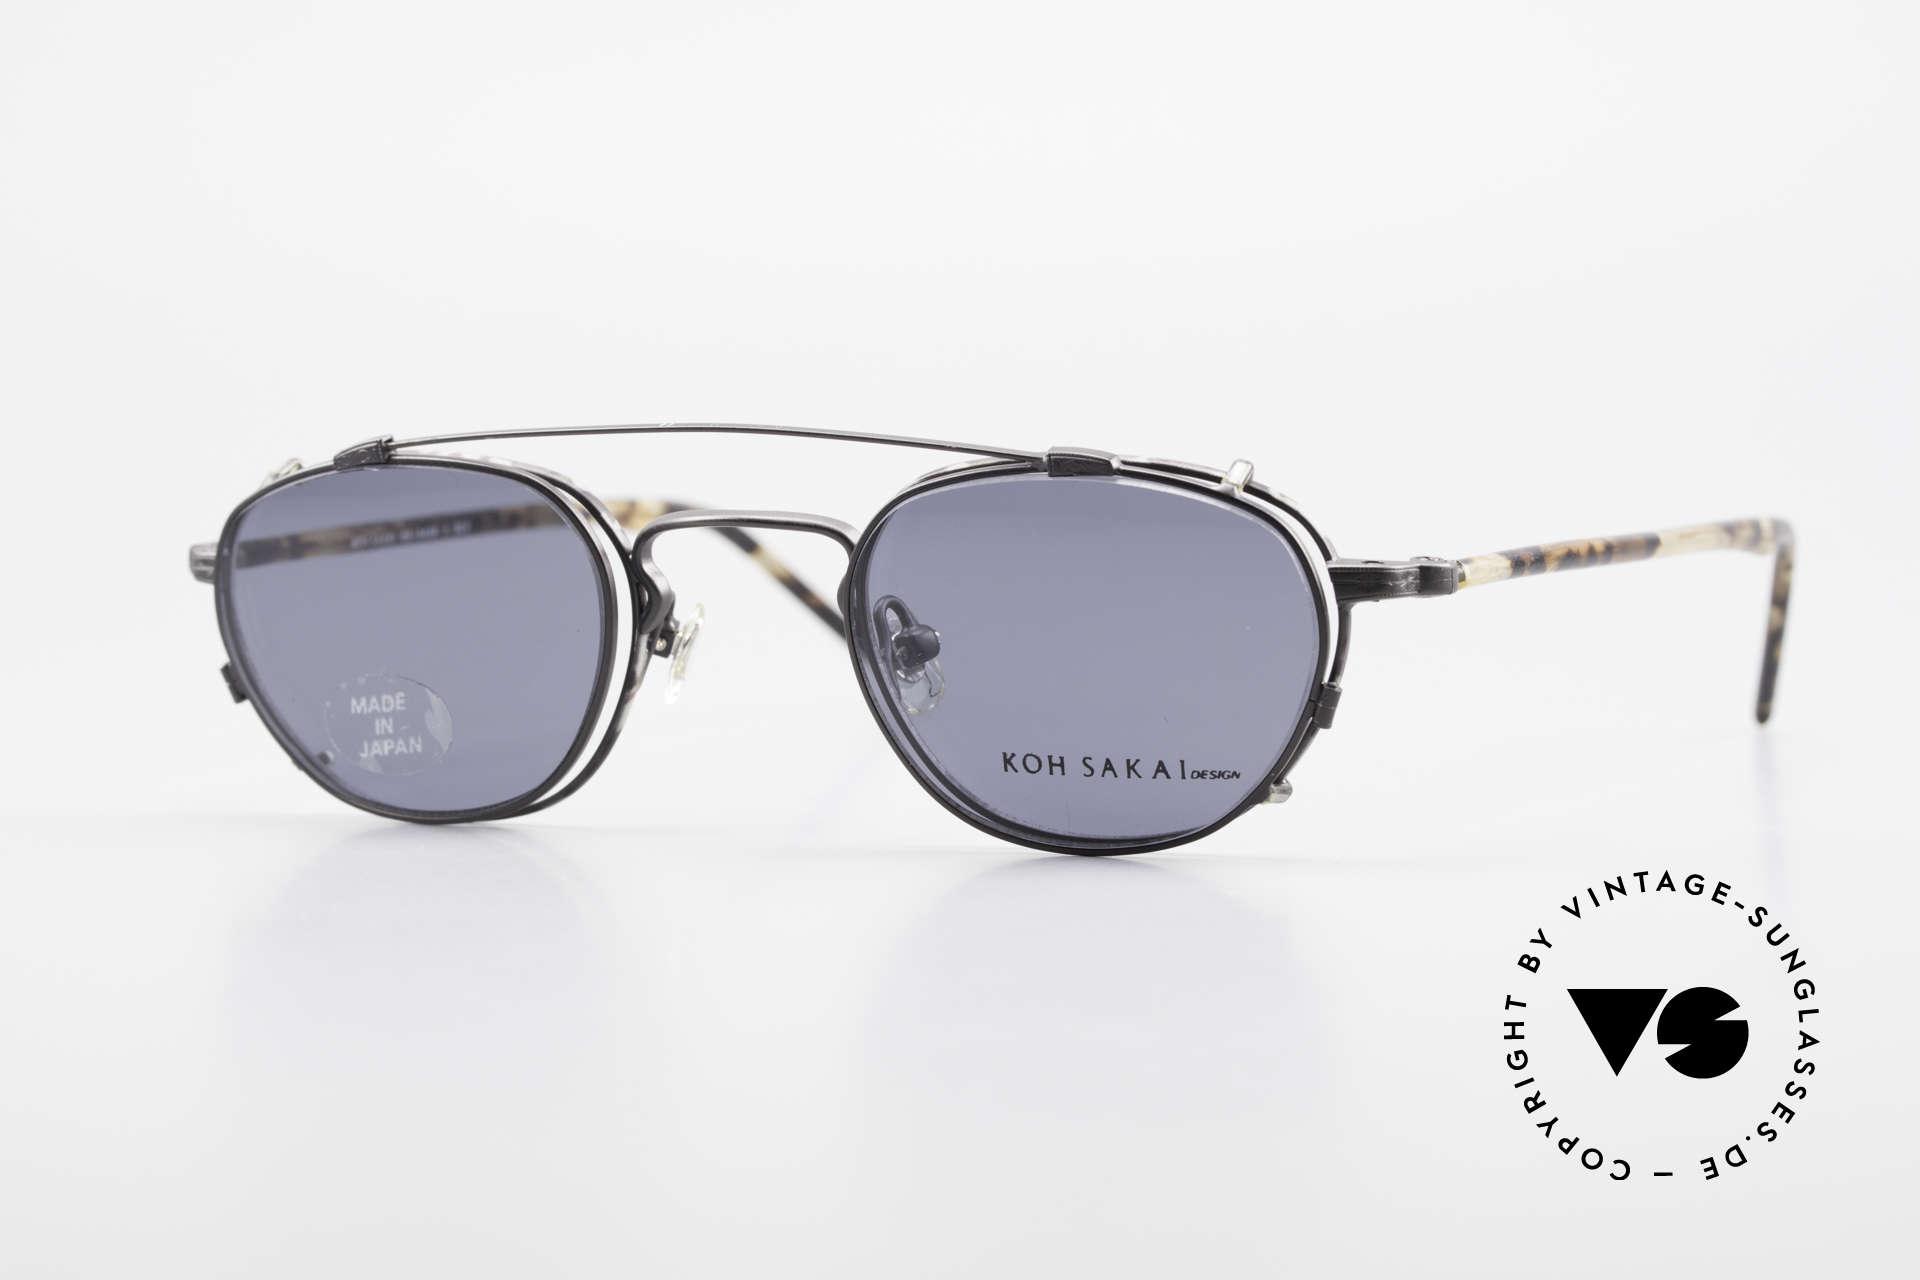 Koh Sakai KS9408 Kleine Brille mit Sonnenclip, alte vintage Koh Sakai Brille mit Sonnen-Clip von 1997, Passend für Herren und Damen